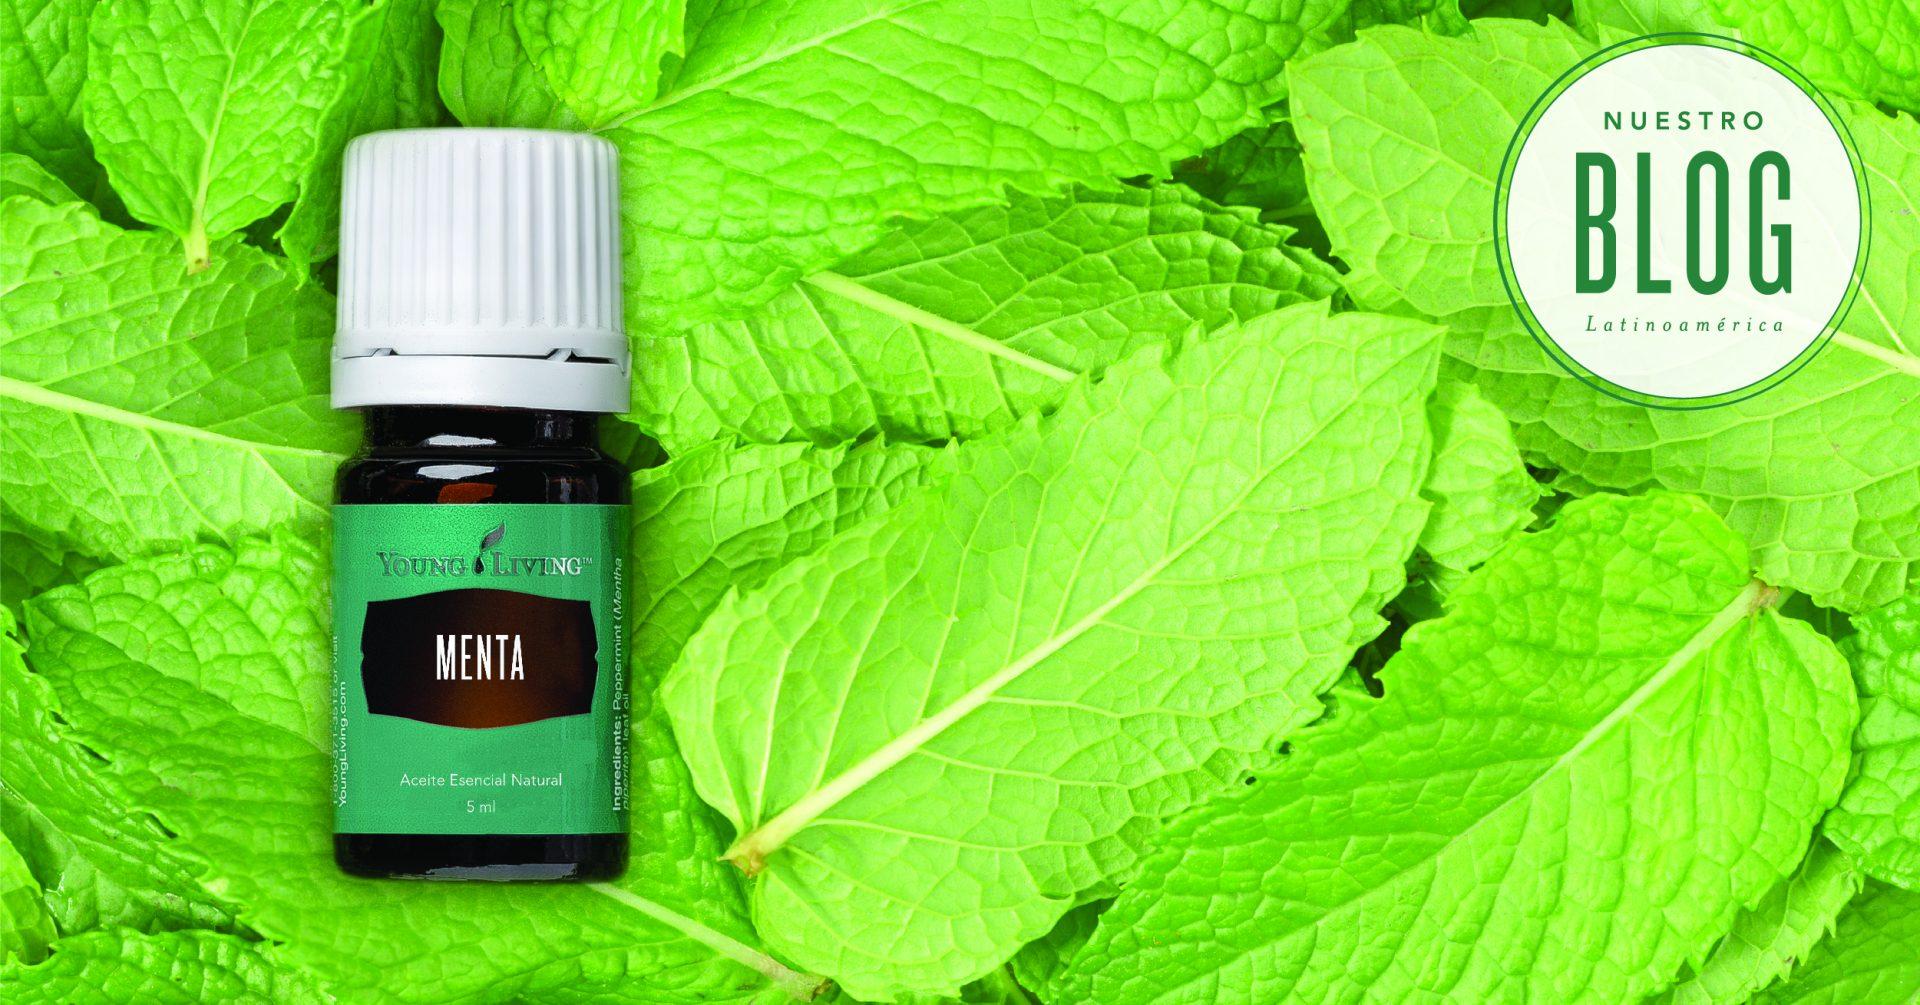 11 usos del aceite esencial de menta